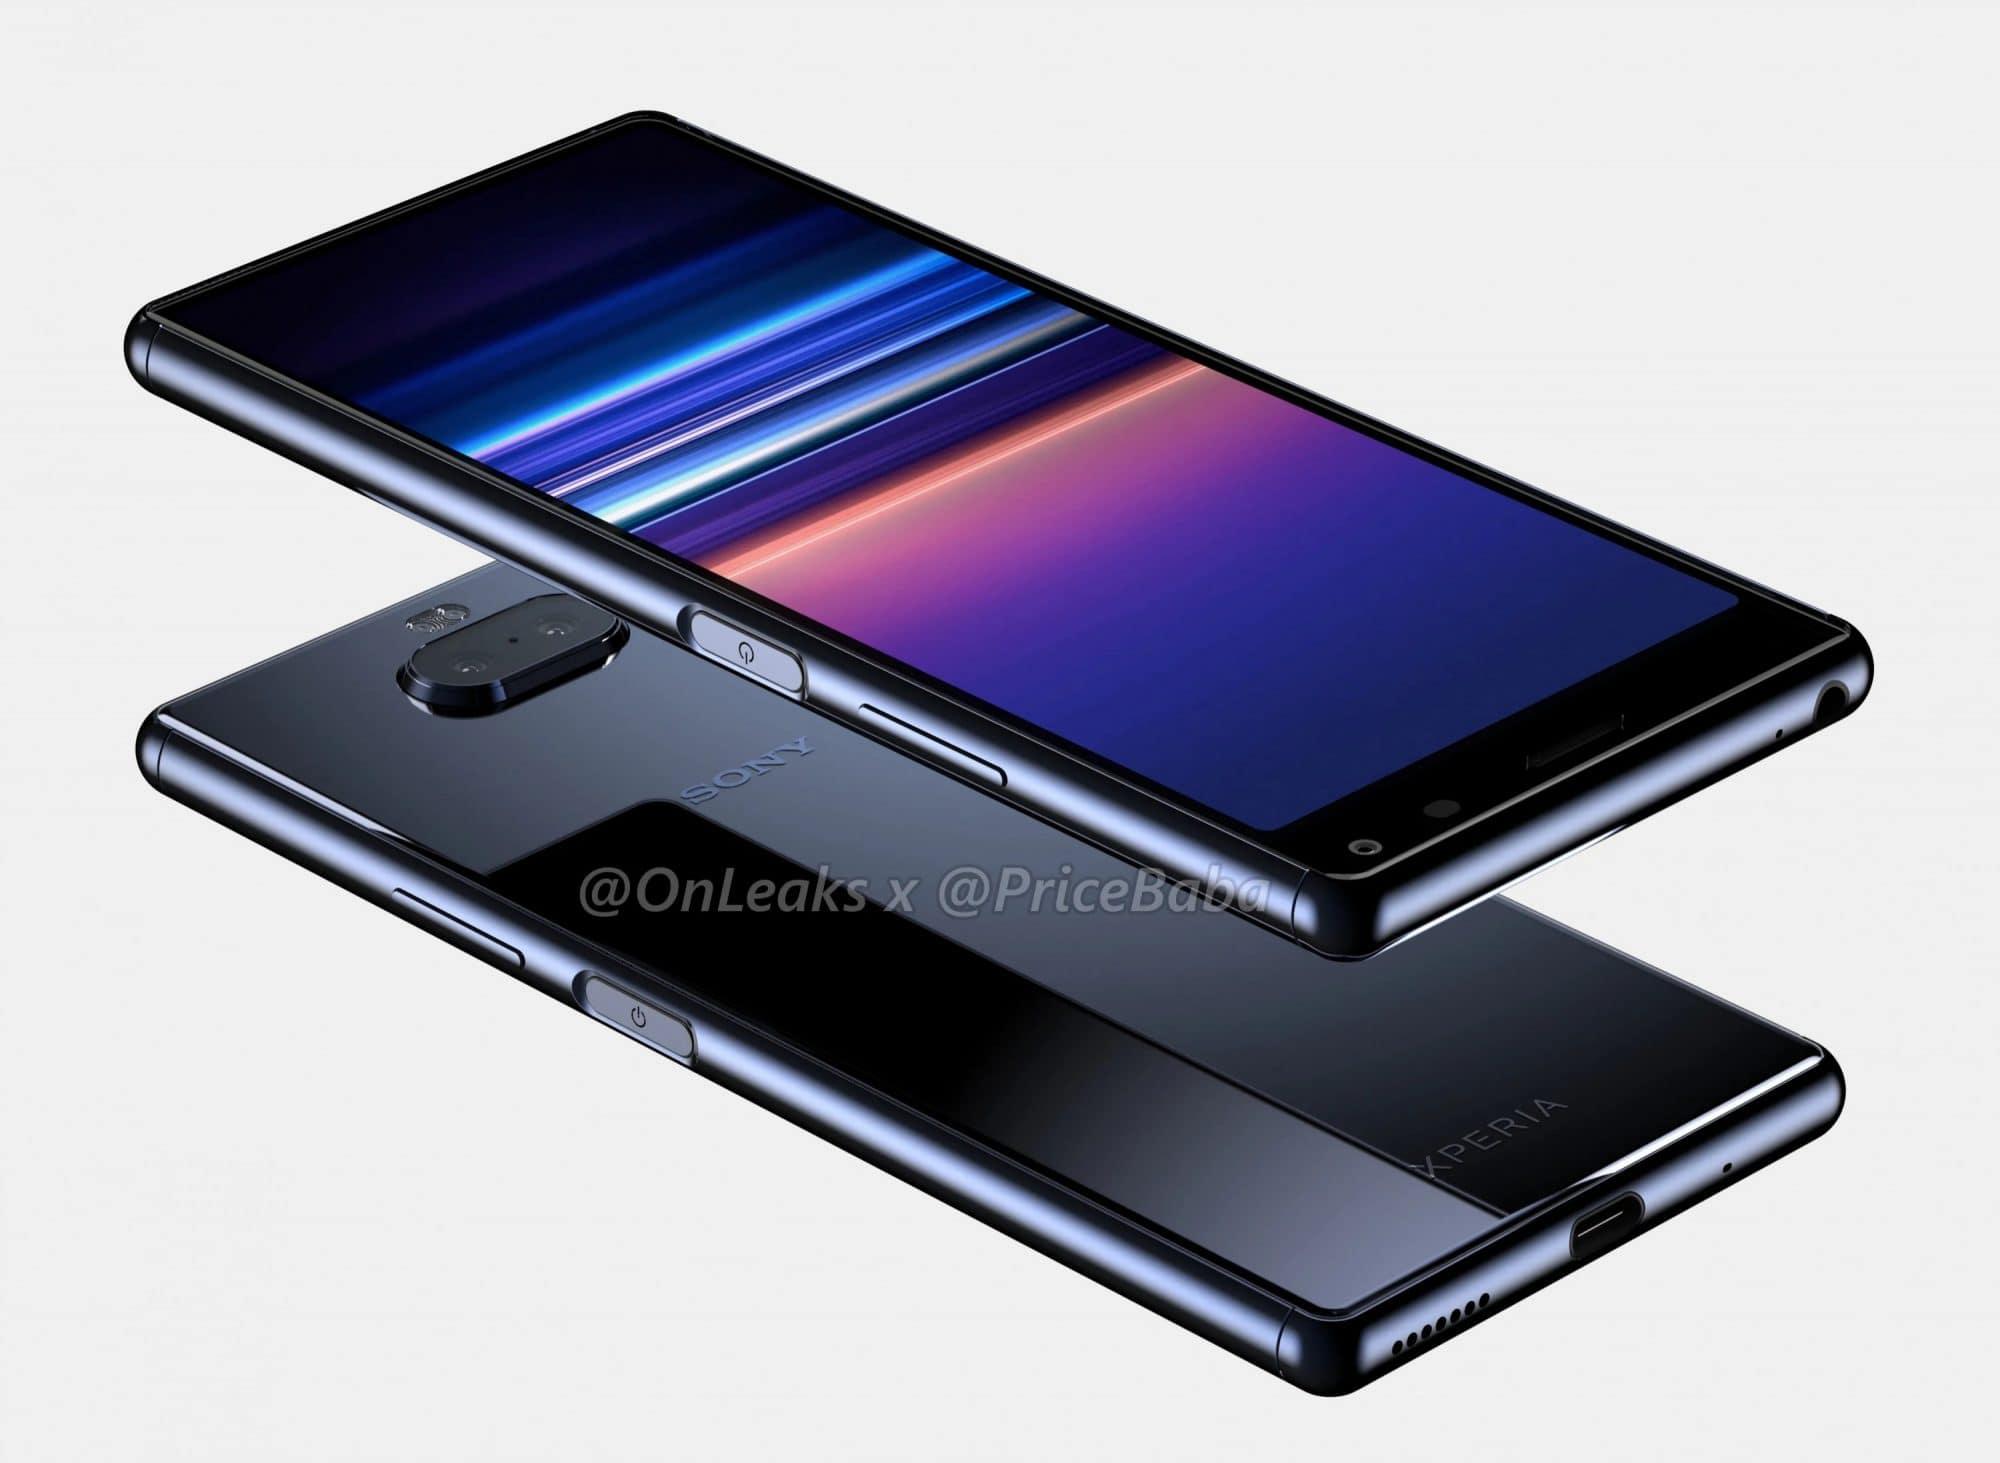 หลุดดีไซน์ Sony Xperia 20 ดีไซน์คล้ายเดิม รวมปุ่มสแกนนิ้วกับ Power - หลุดดีไซน์ Sony Xperia 20 ดีไซน์คล้ายเดิม รวมปุ่มสแกนนิ้วกับ Power